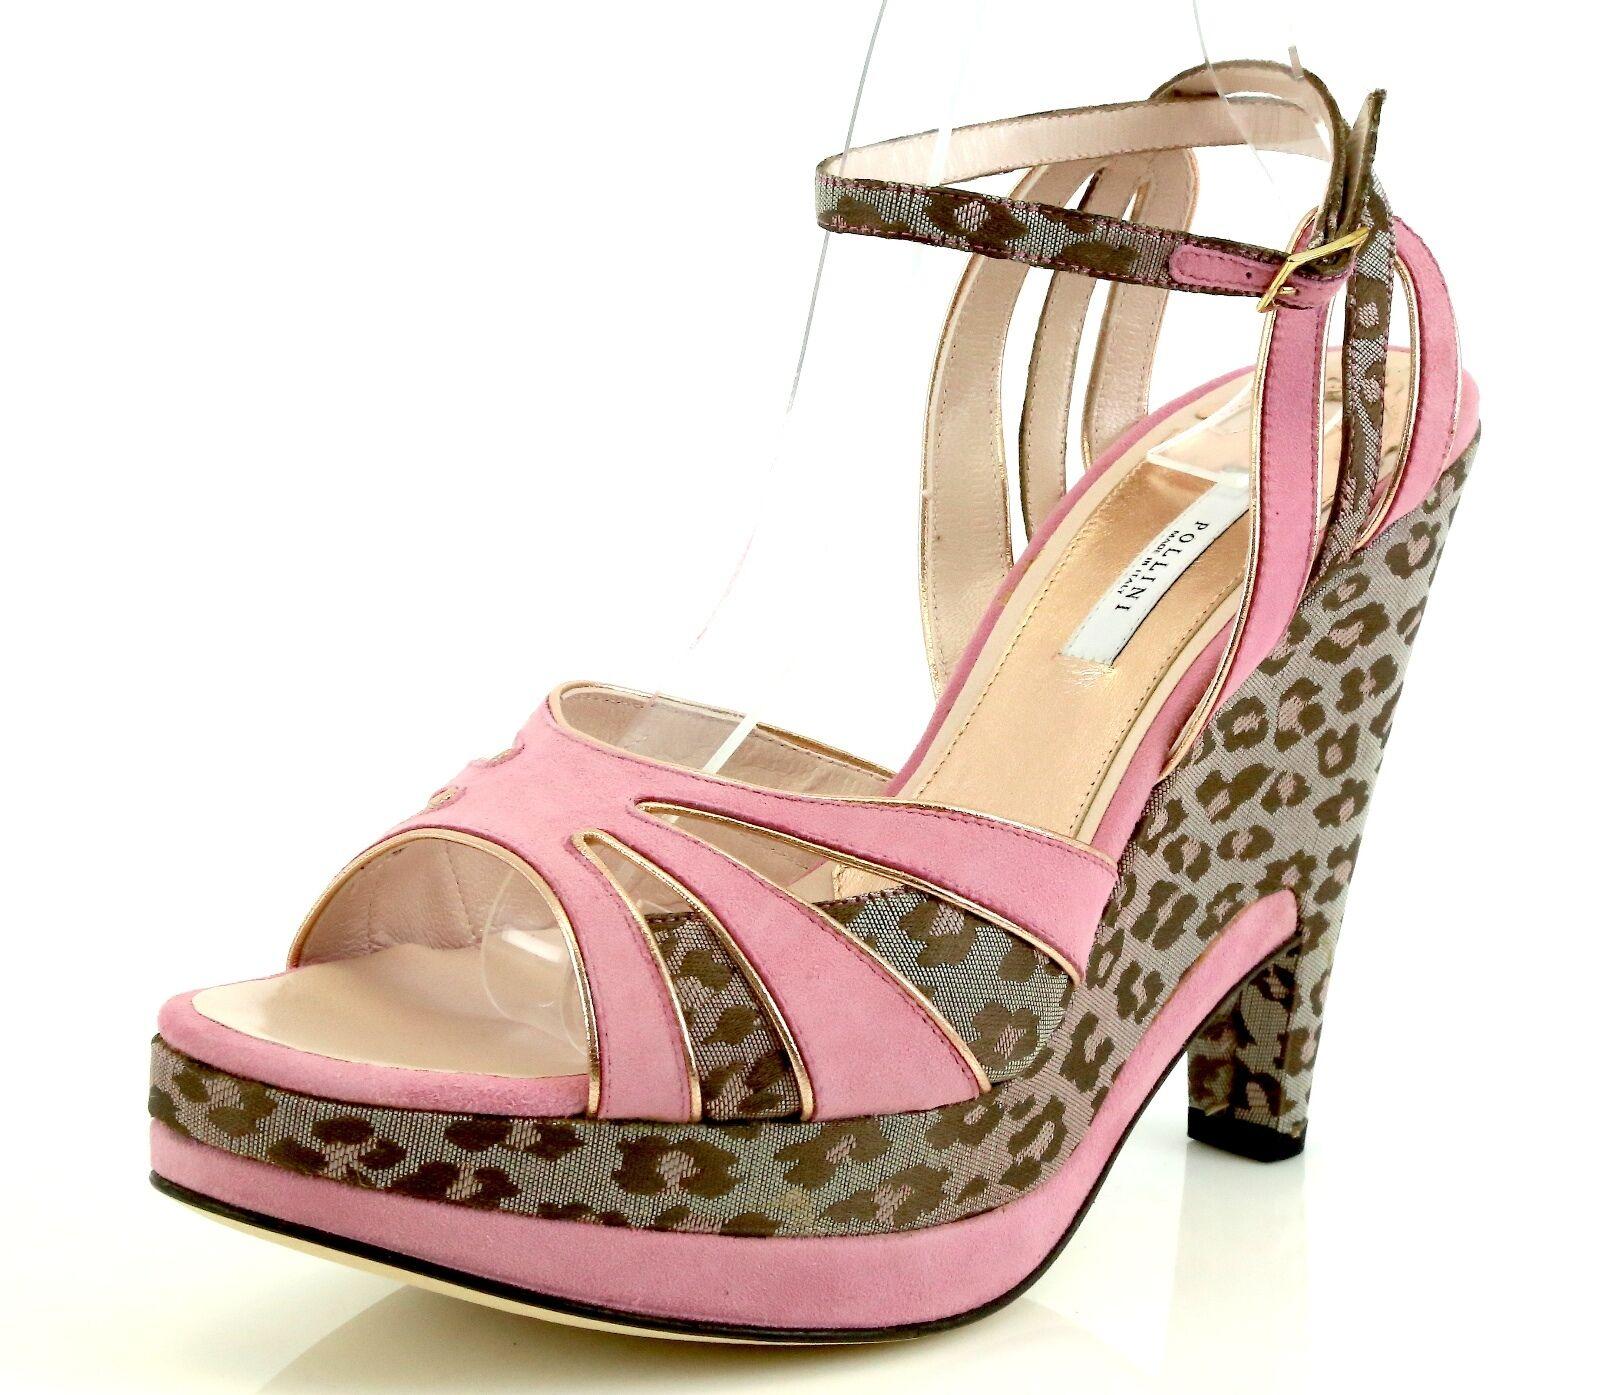 in vendita Pollini AEFF Cheetah Print rosa Suede Wedge Sandals 7399 Dimensione Dimensione Dimensione 40 EU NEW   acquistare ora